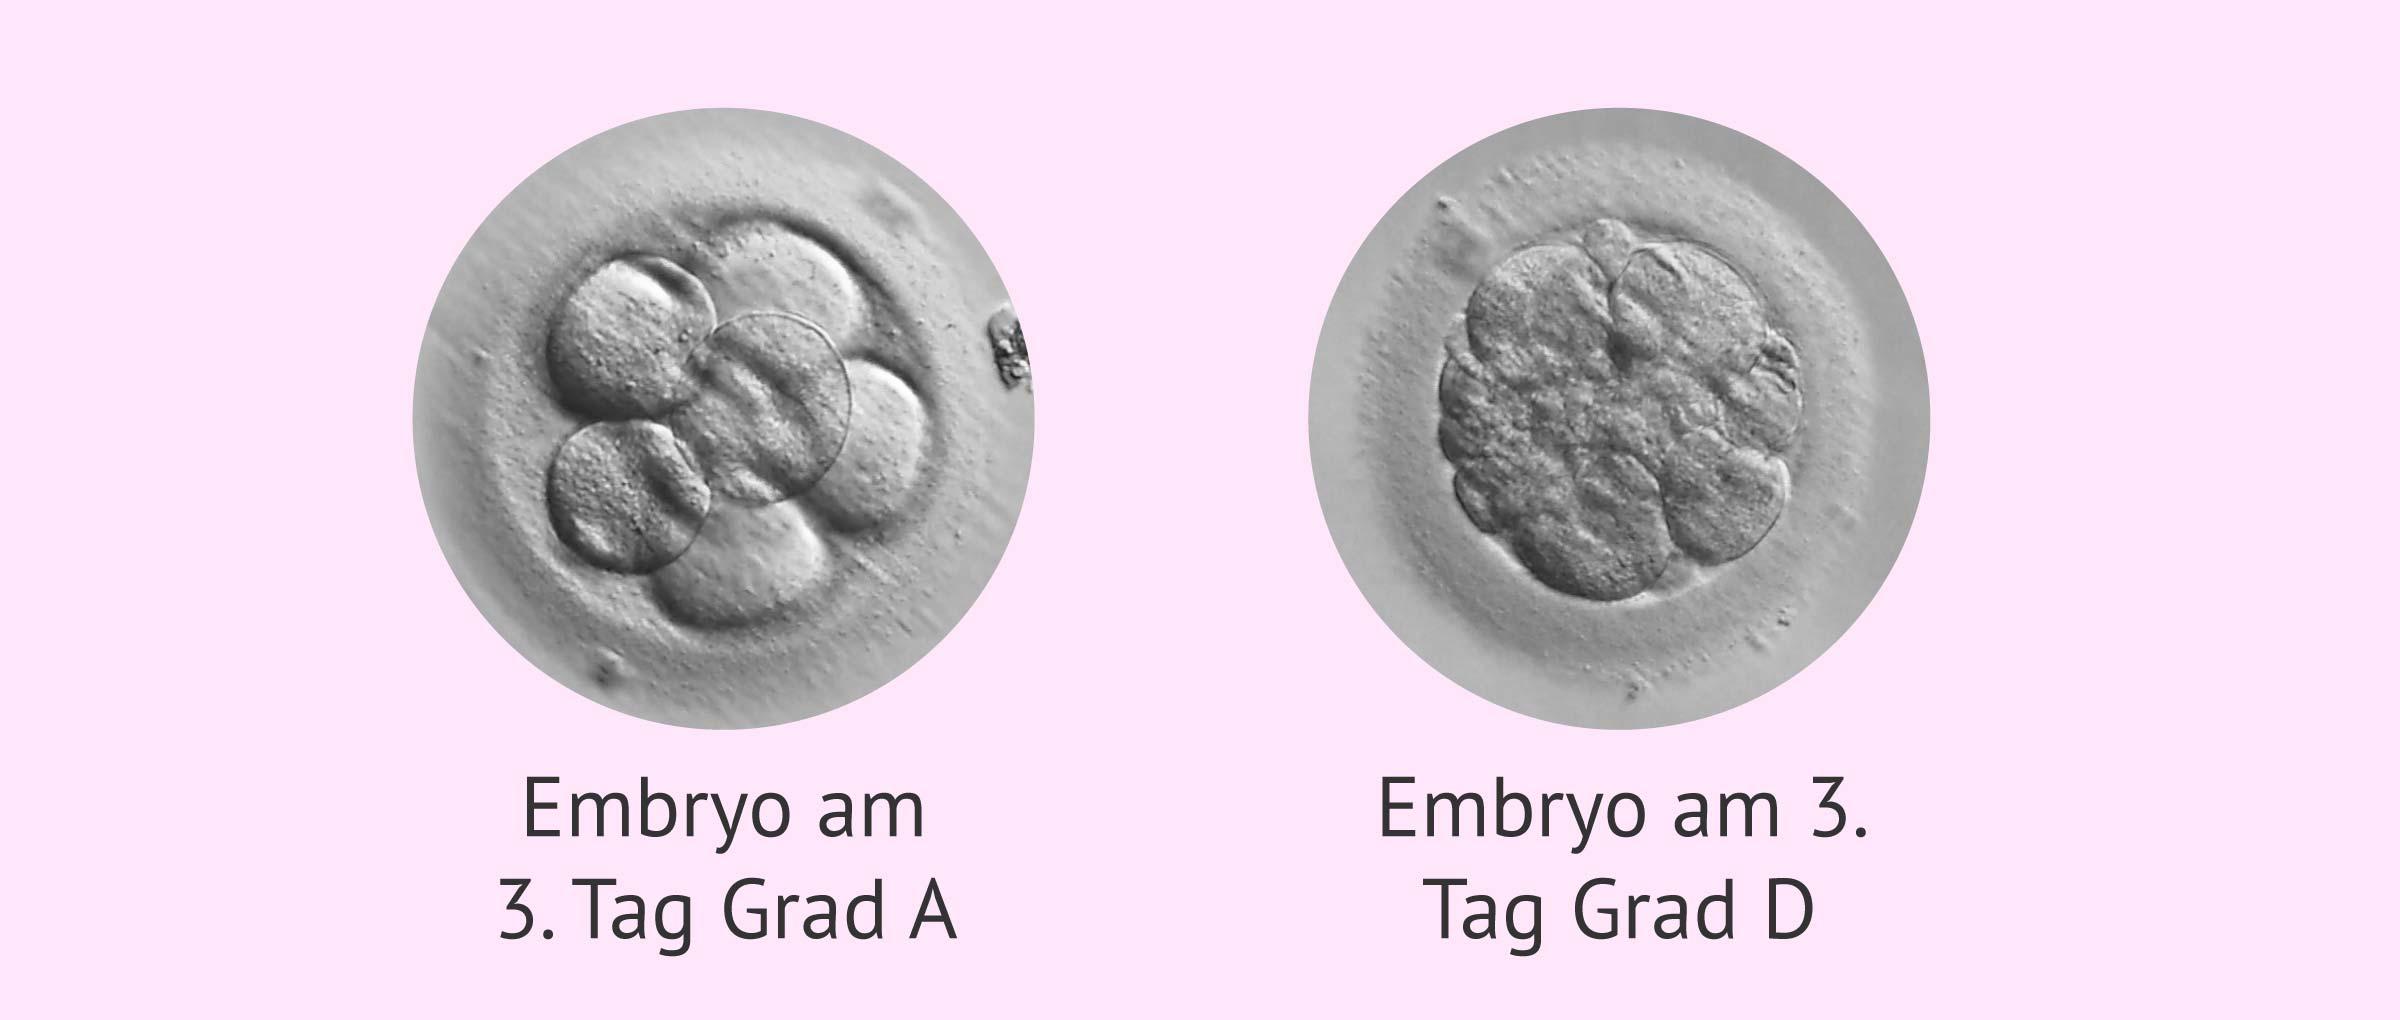 Einteilung der Embryonen am 3. Entwicklungstag